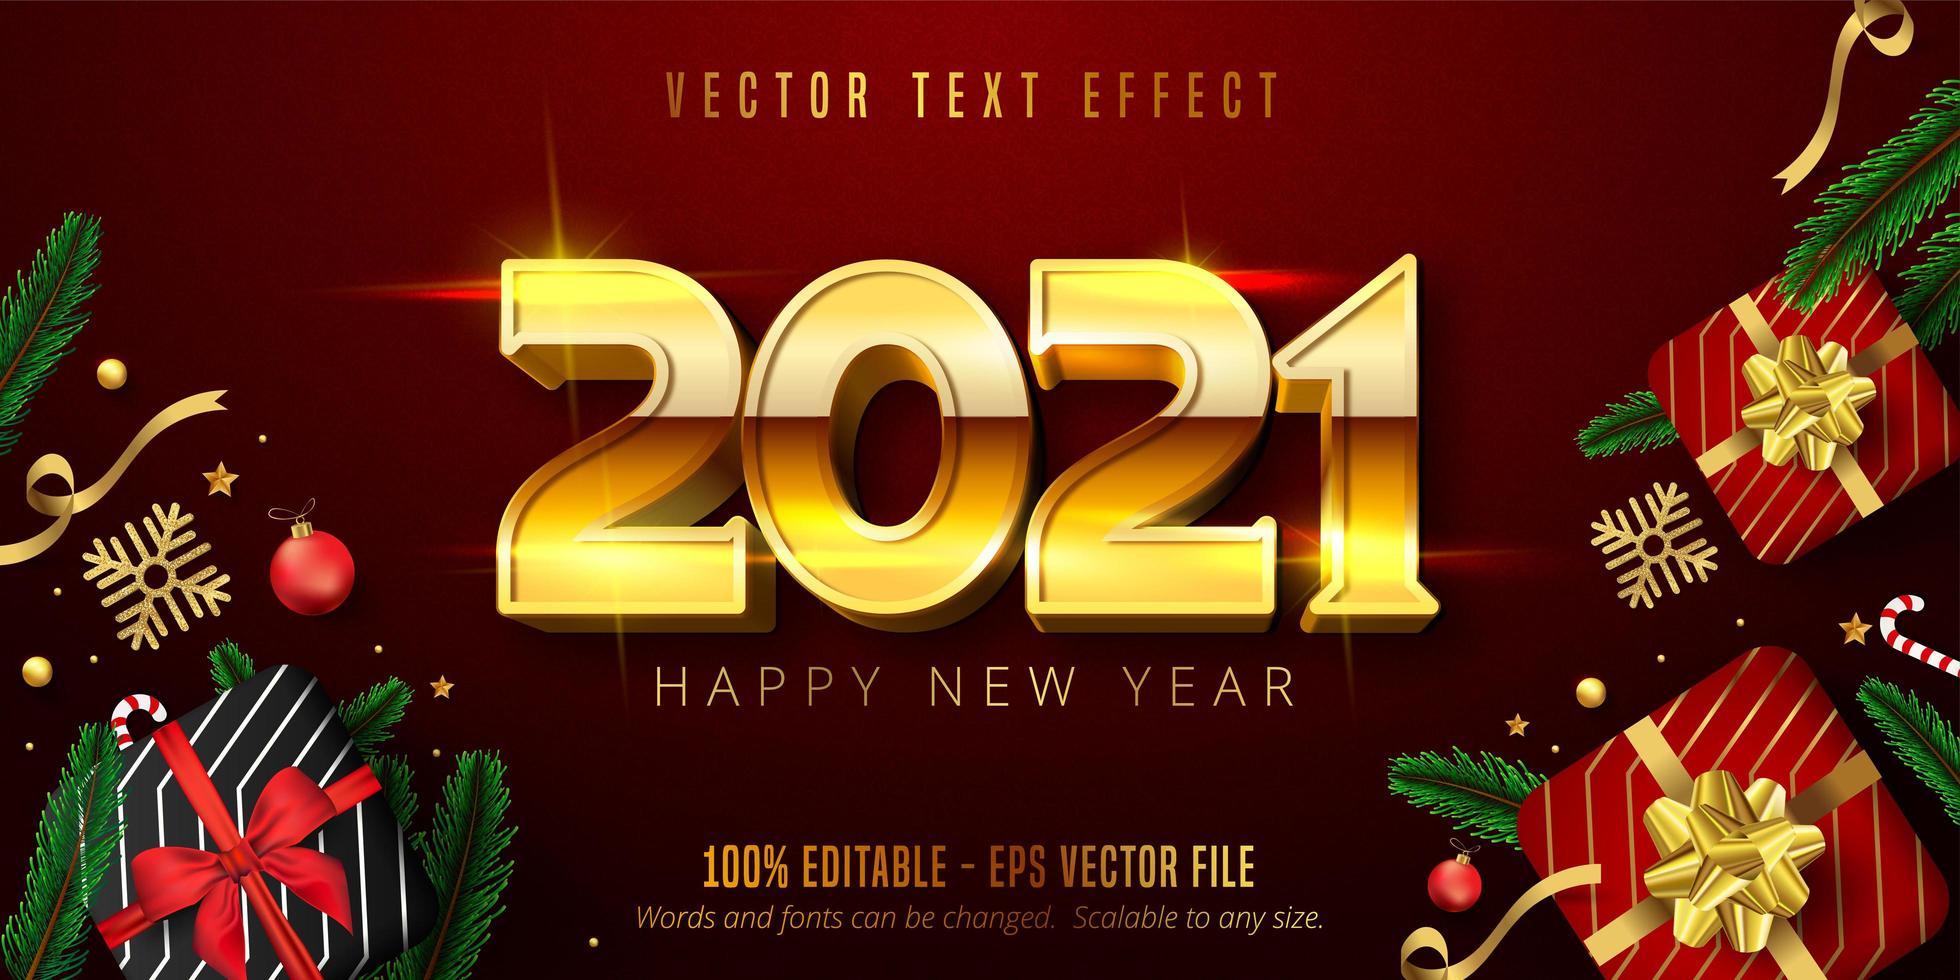 2021 testo di felice anno nuovo vettore